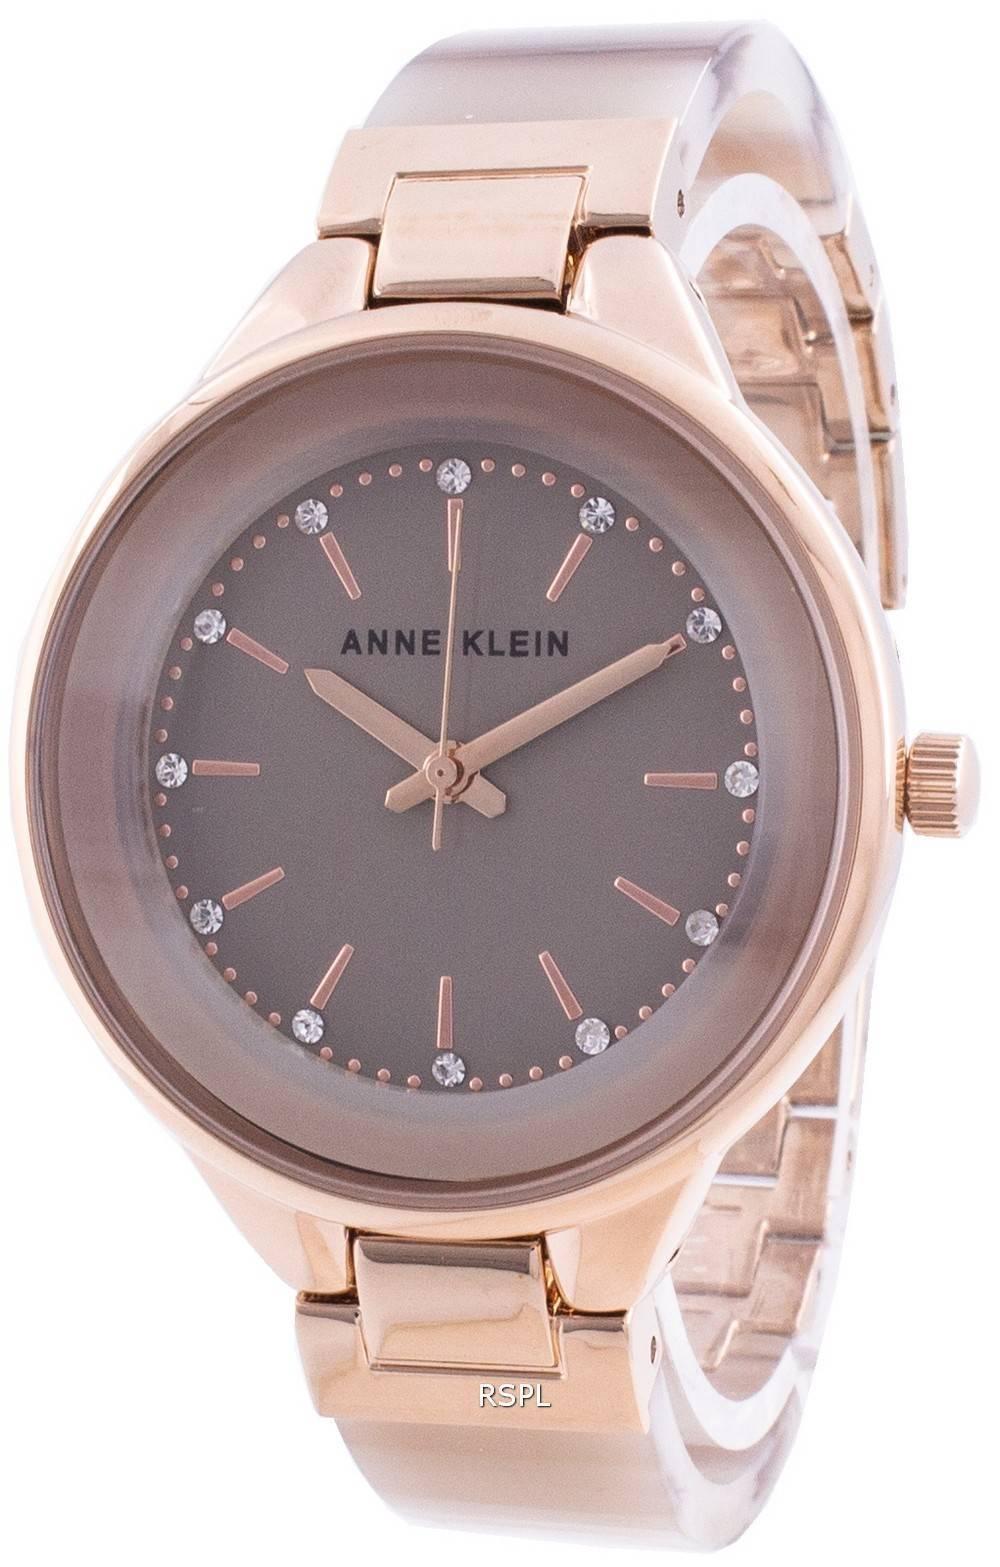 Anne Klein Swarovski kristalli painollinen 1408TNRG kvartsi naisten kello